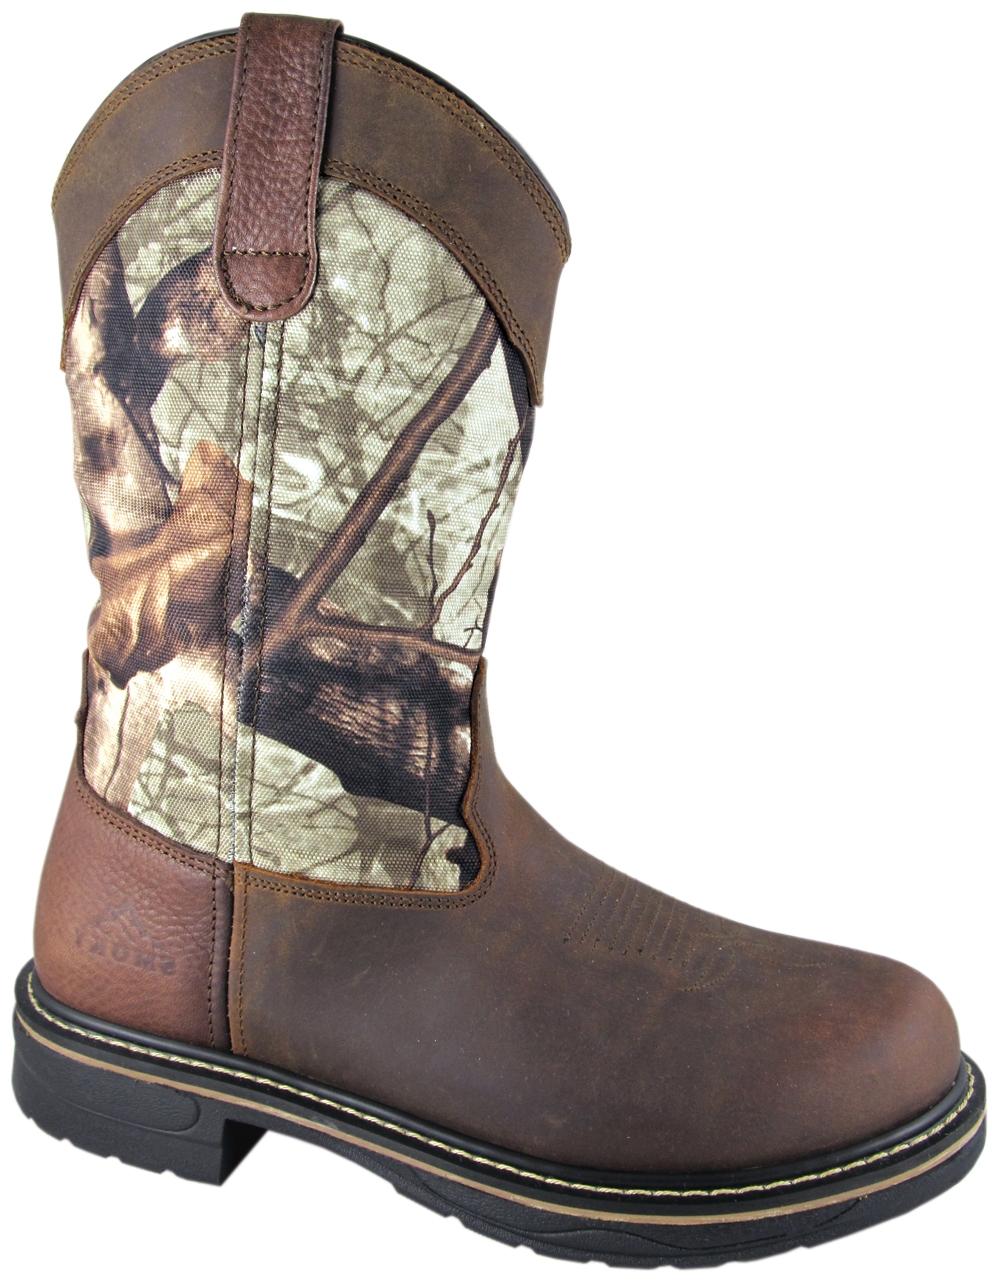 Smoky Mountain Men's Stag Wellington Boot